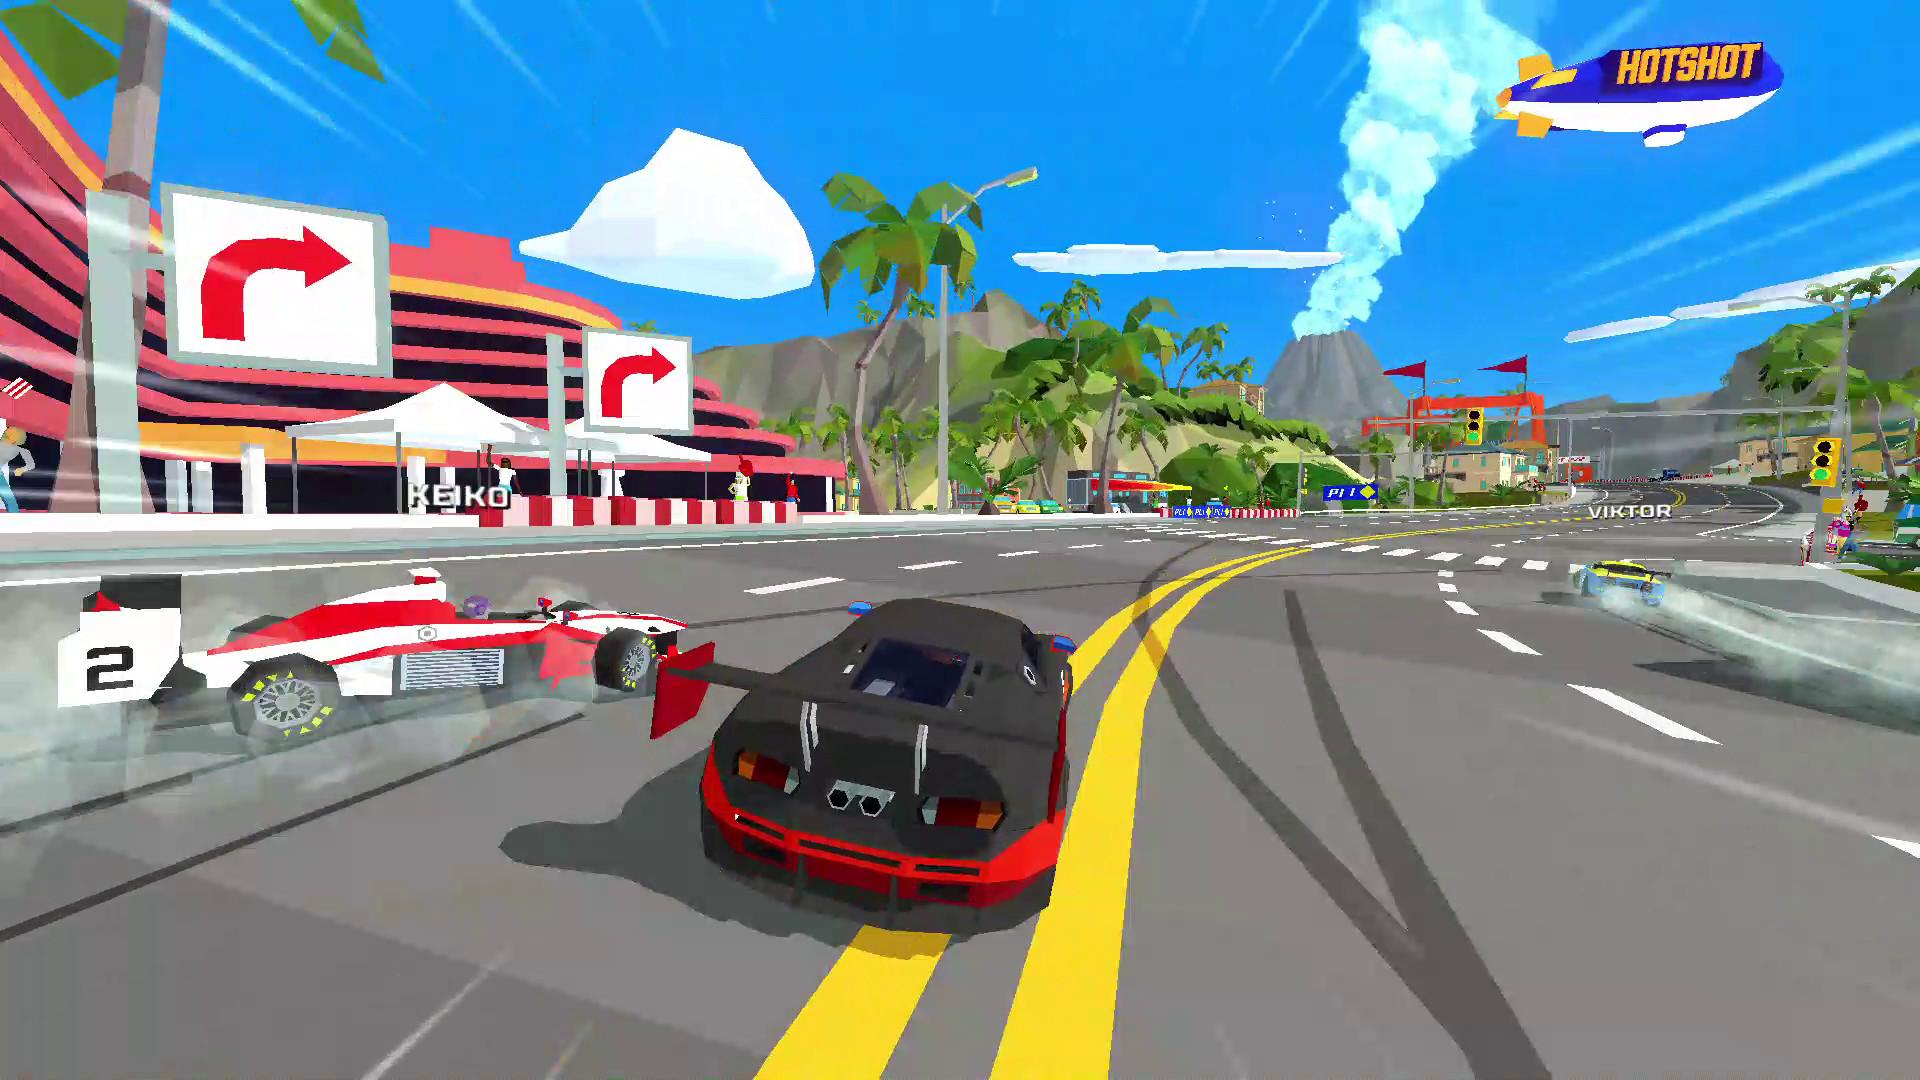 Hotshot Racing Review